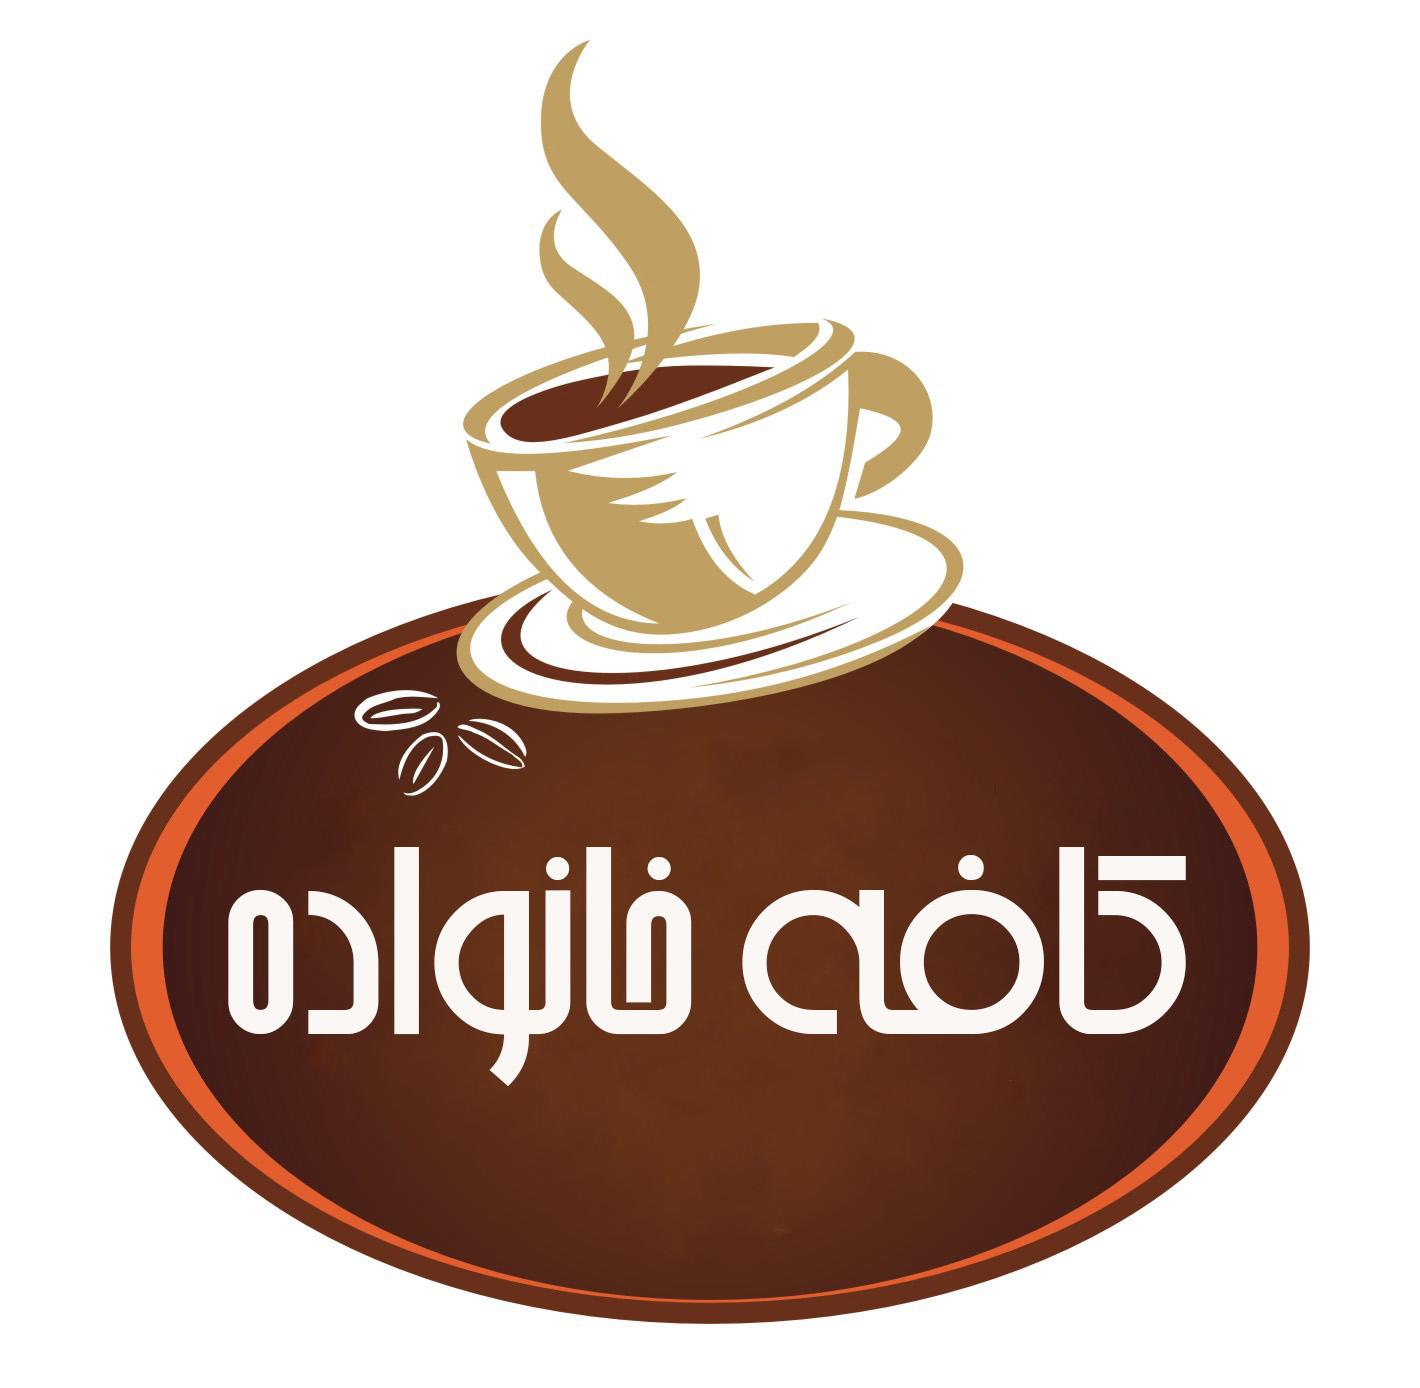 کافه خانواده